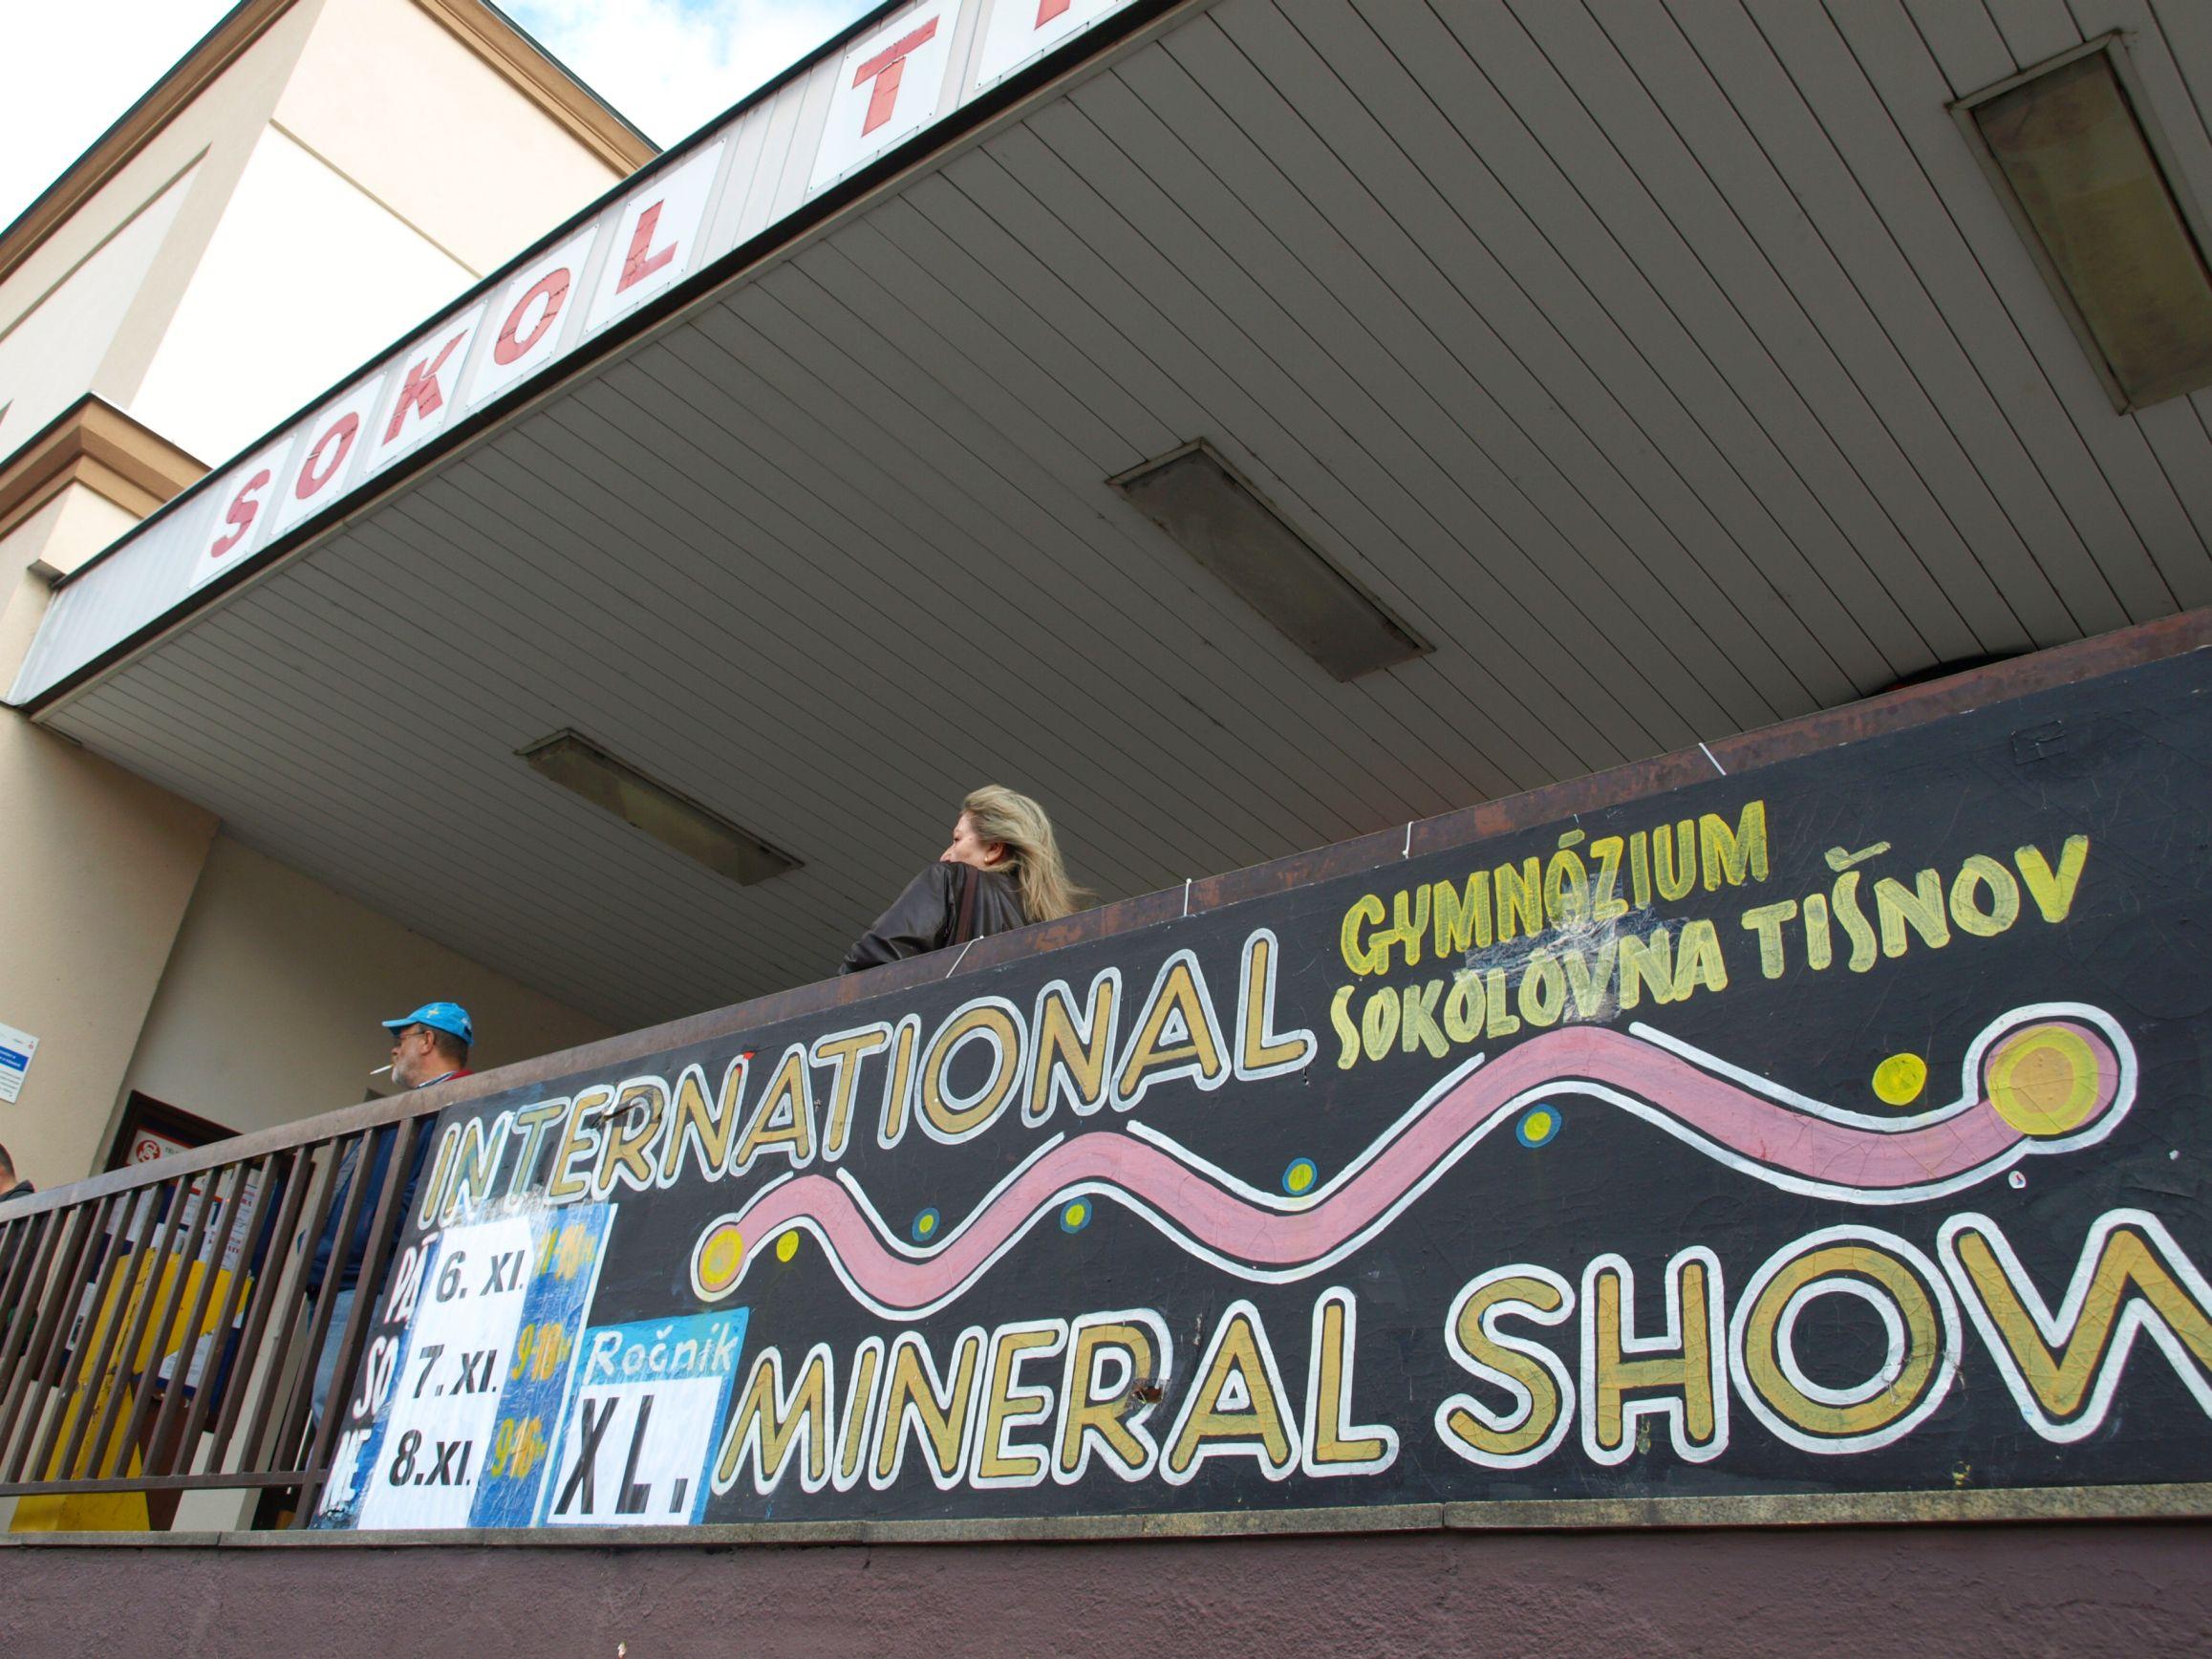 Malé fotoohlédnutí za XL. Mineral show Tišnov